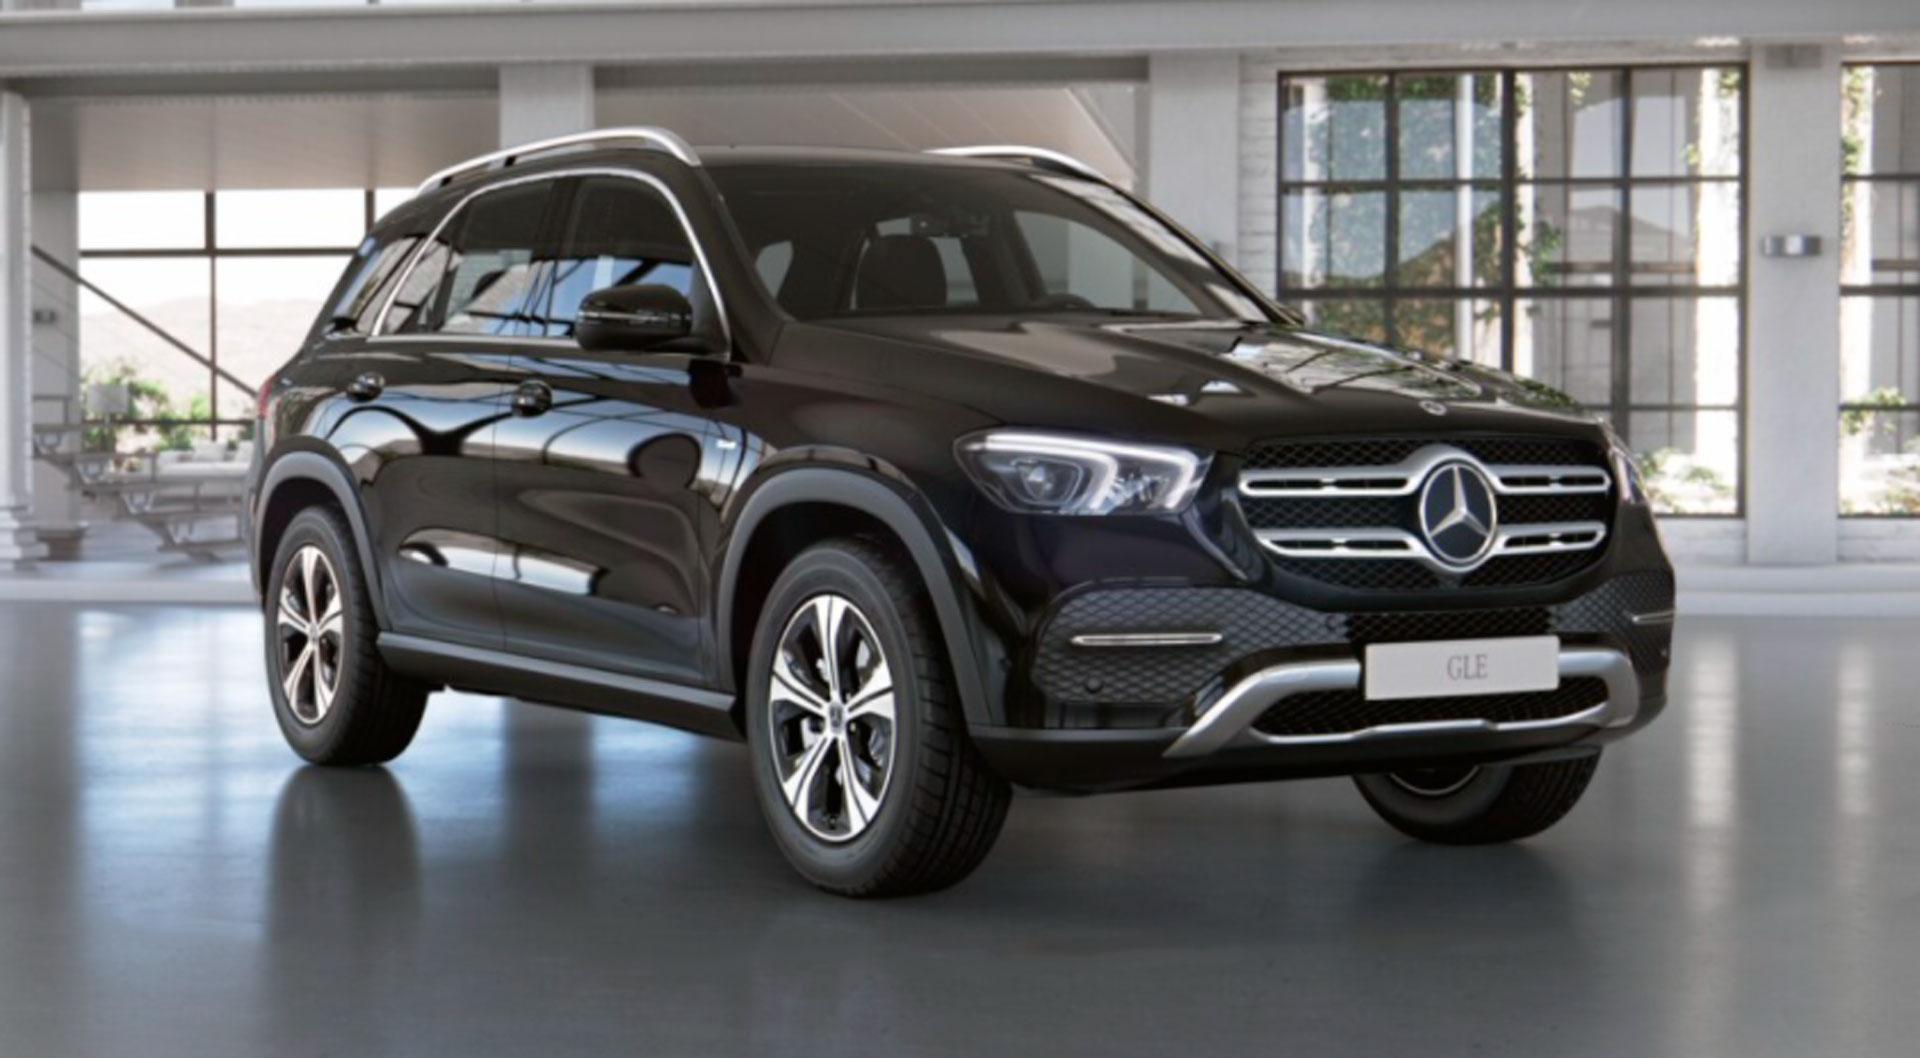 Mercedes-Benz GLE-Class 0152632011